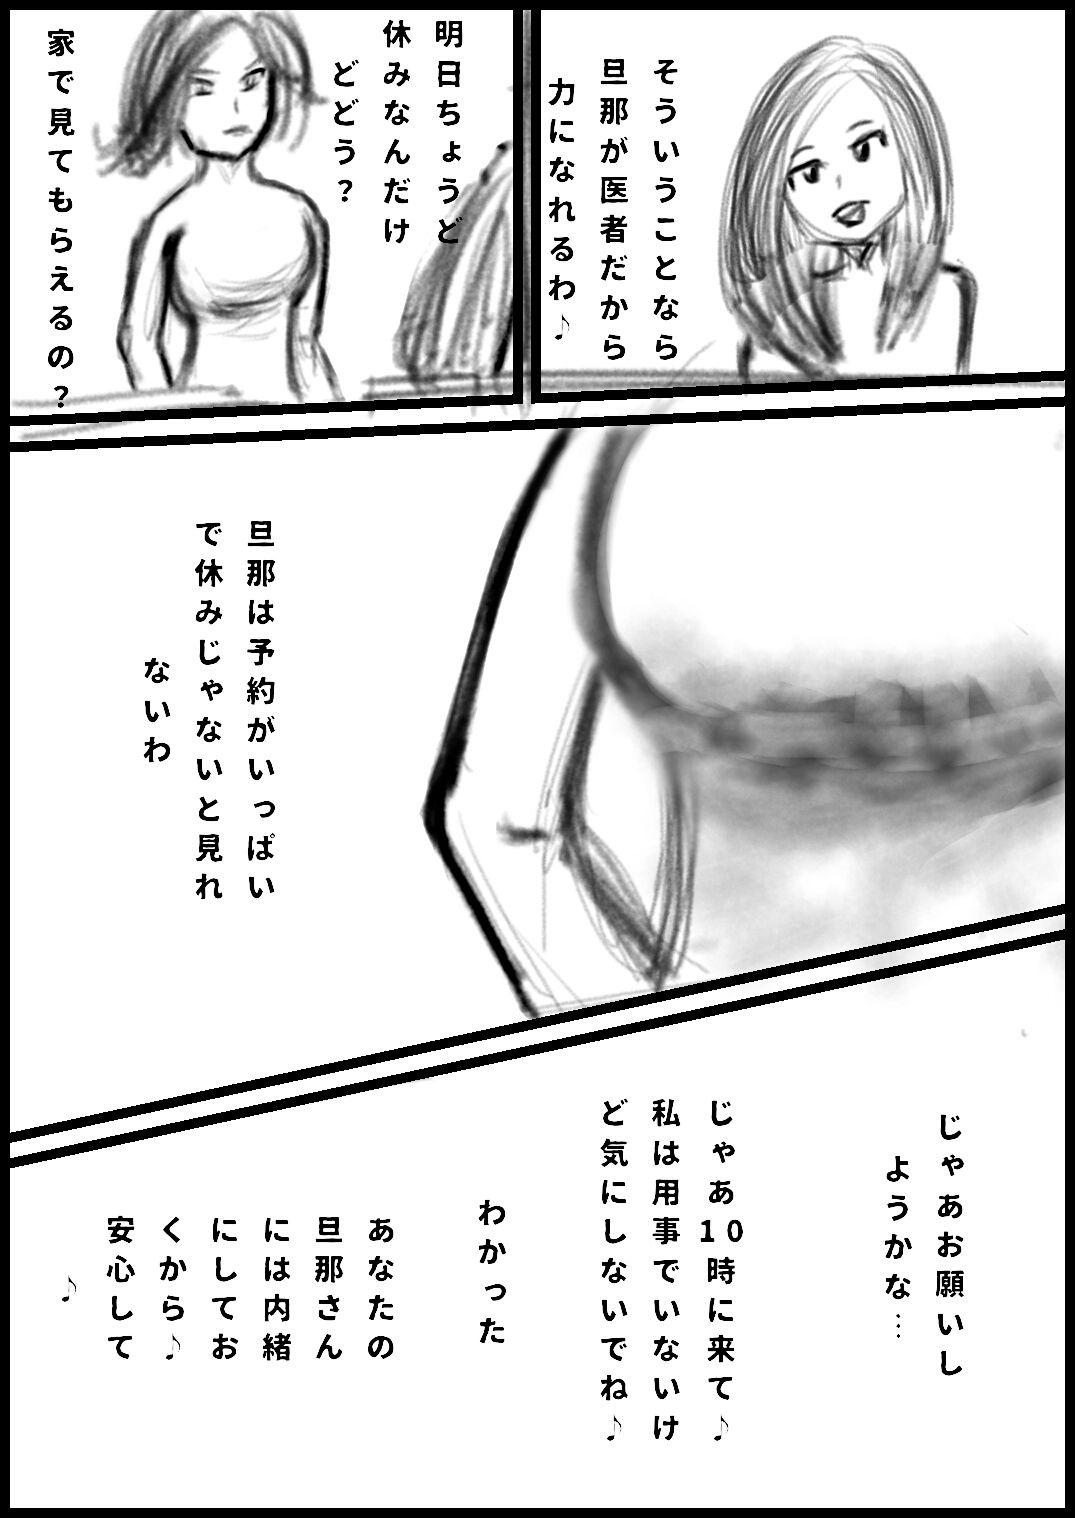 【yui 同人】不感症の妻が隣の部屋で寝取られた話第1話